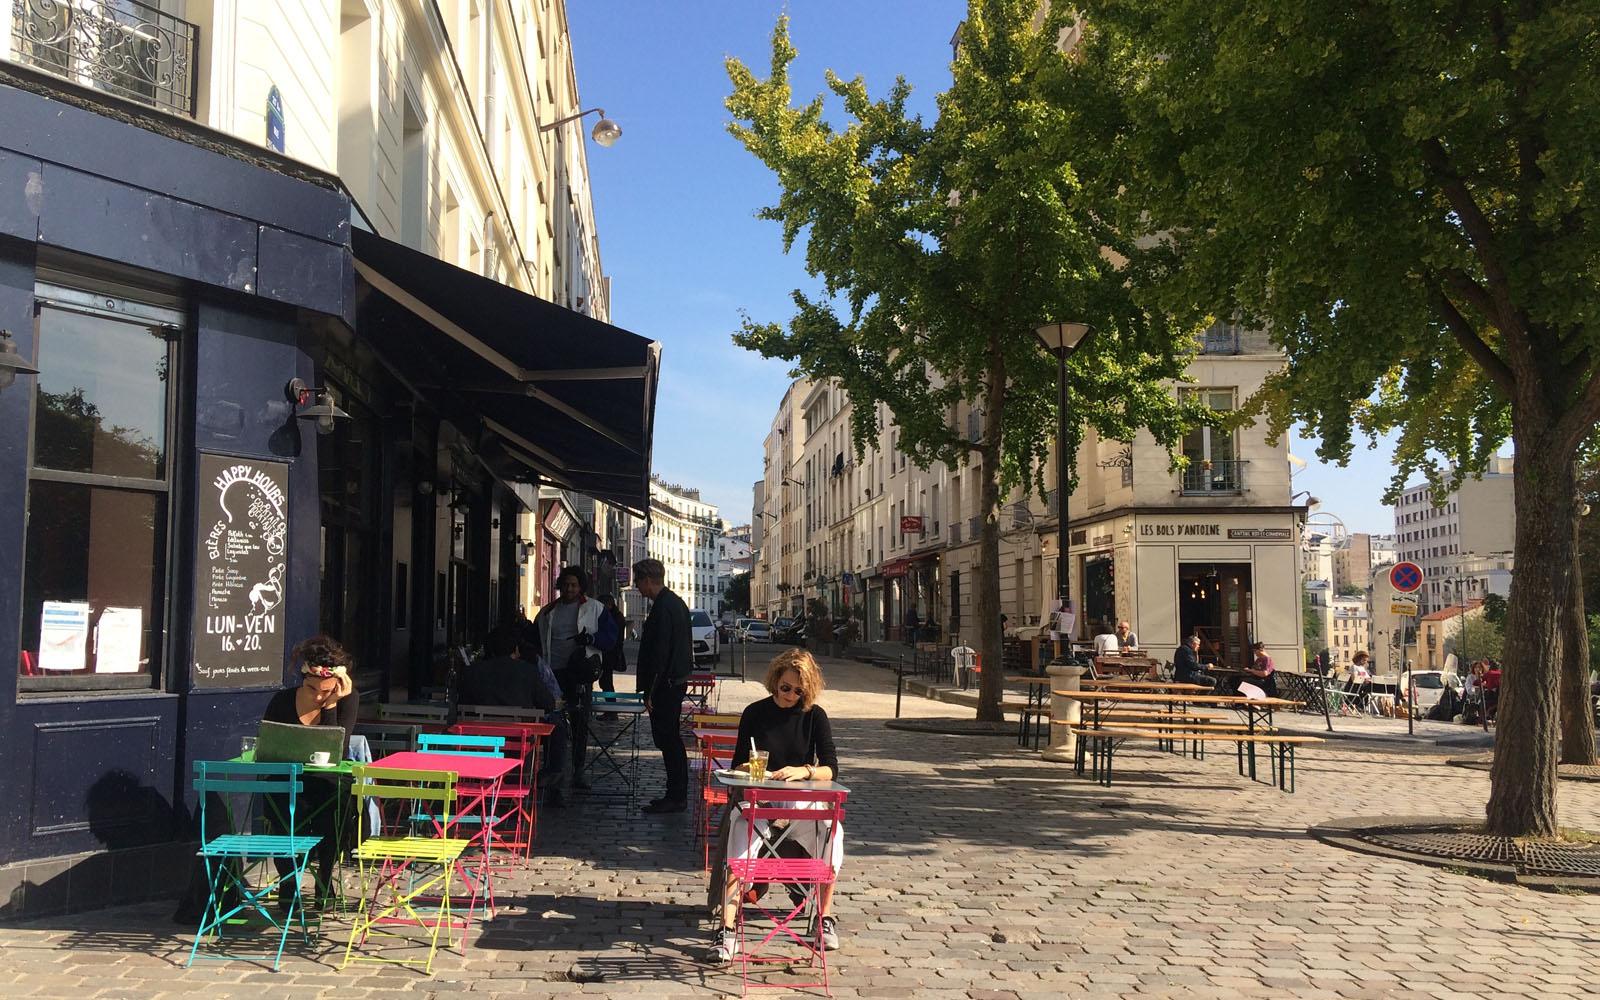 La vivace rue des Envierges, nella parte alta di Belleville.